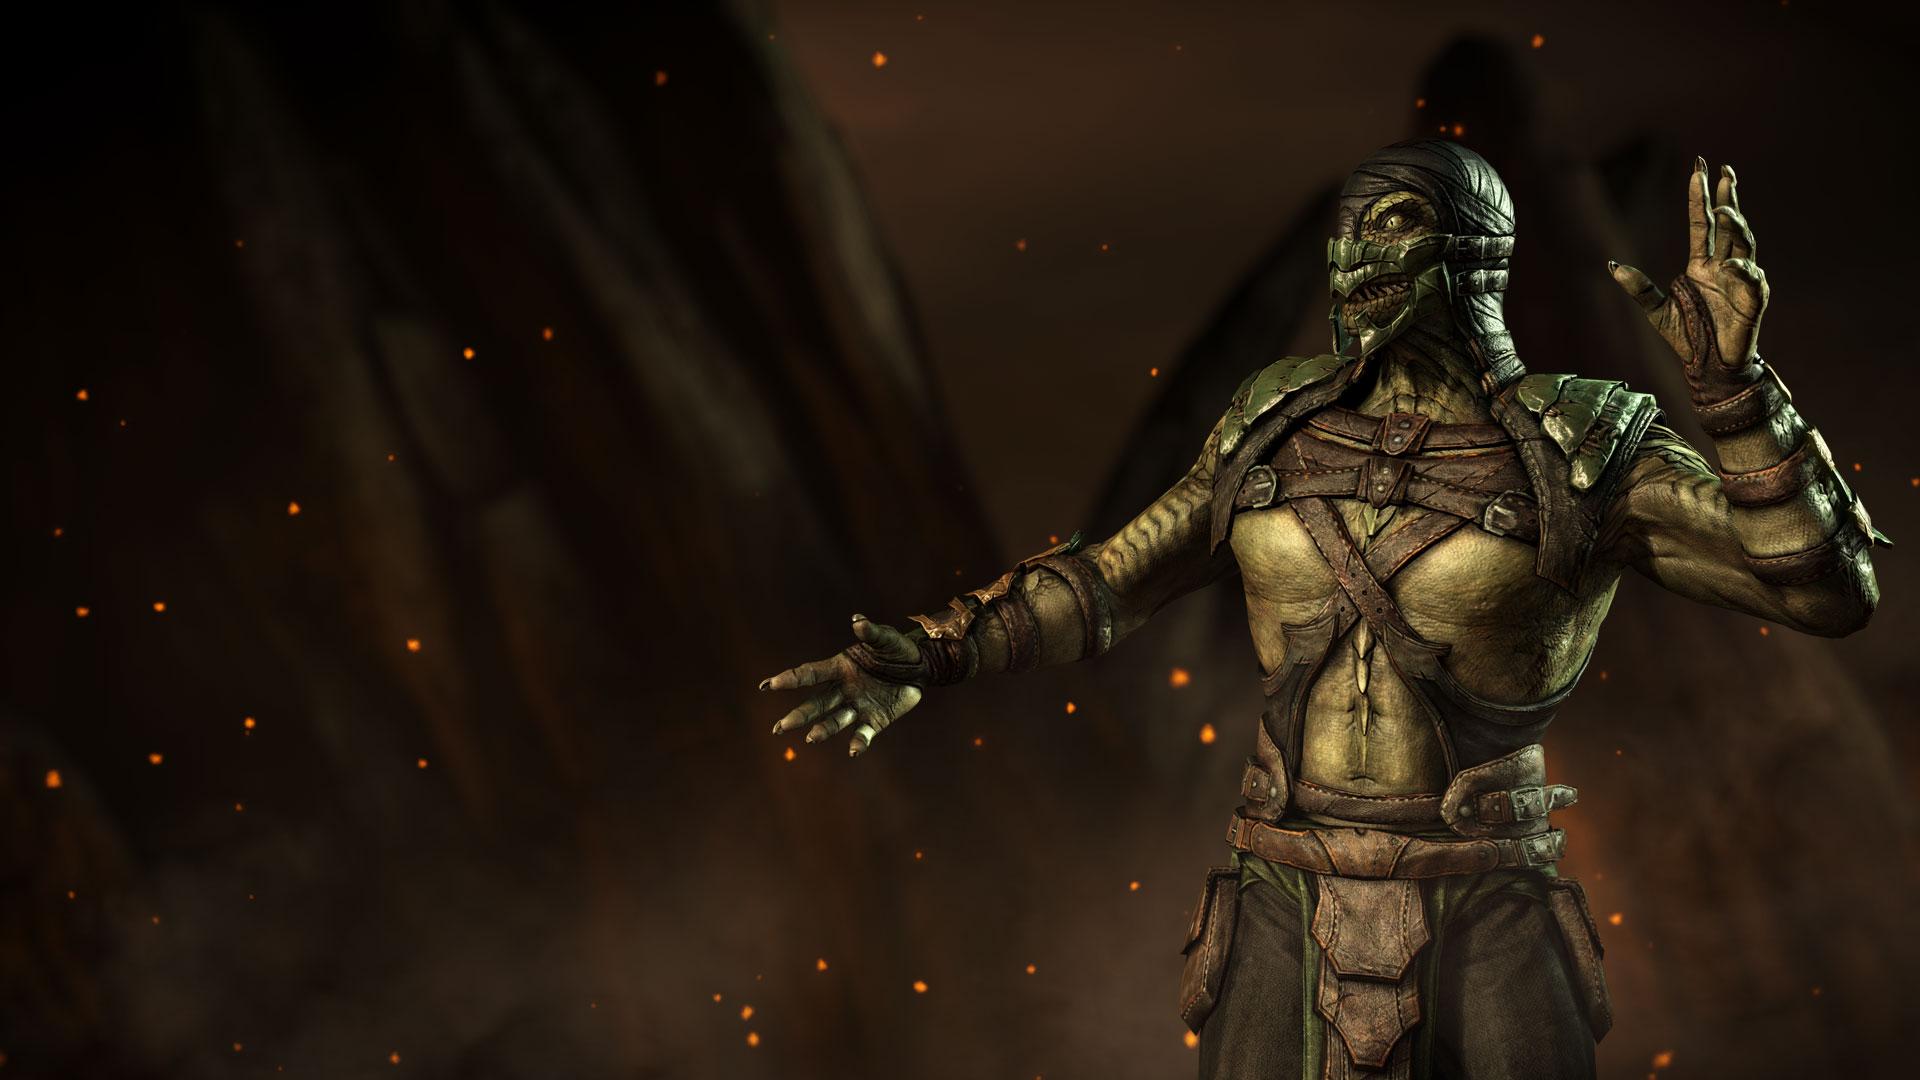 Wallpaper Hd 4k Mkwarehouse Mortal Kombat X Reptile